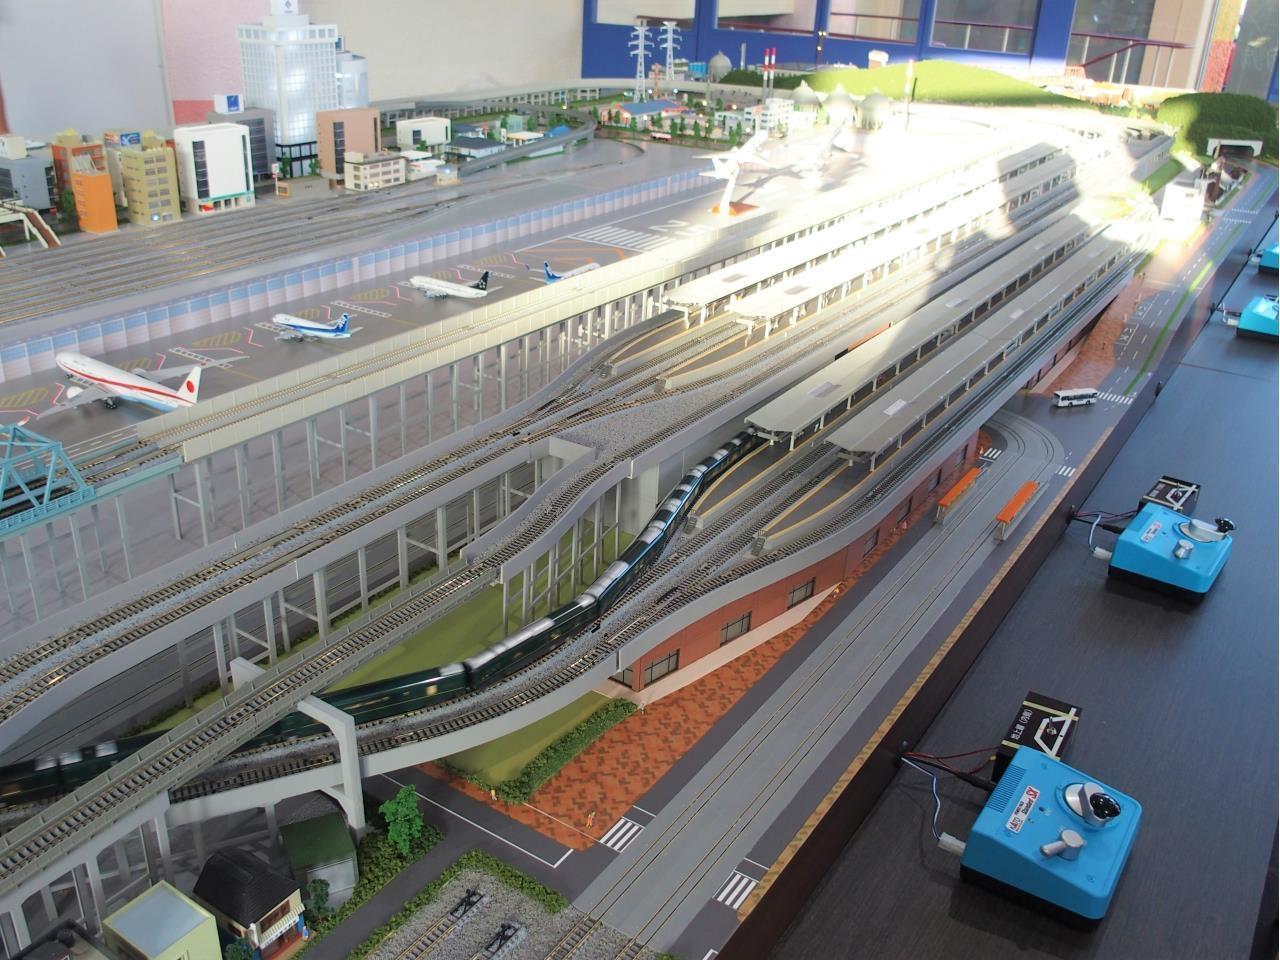 鉄道模型を走らせるための装置の保守やメンテナンスなど